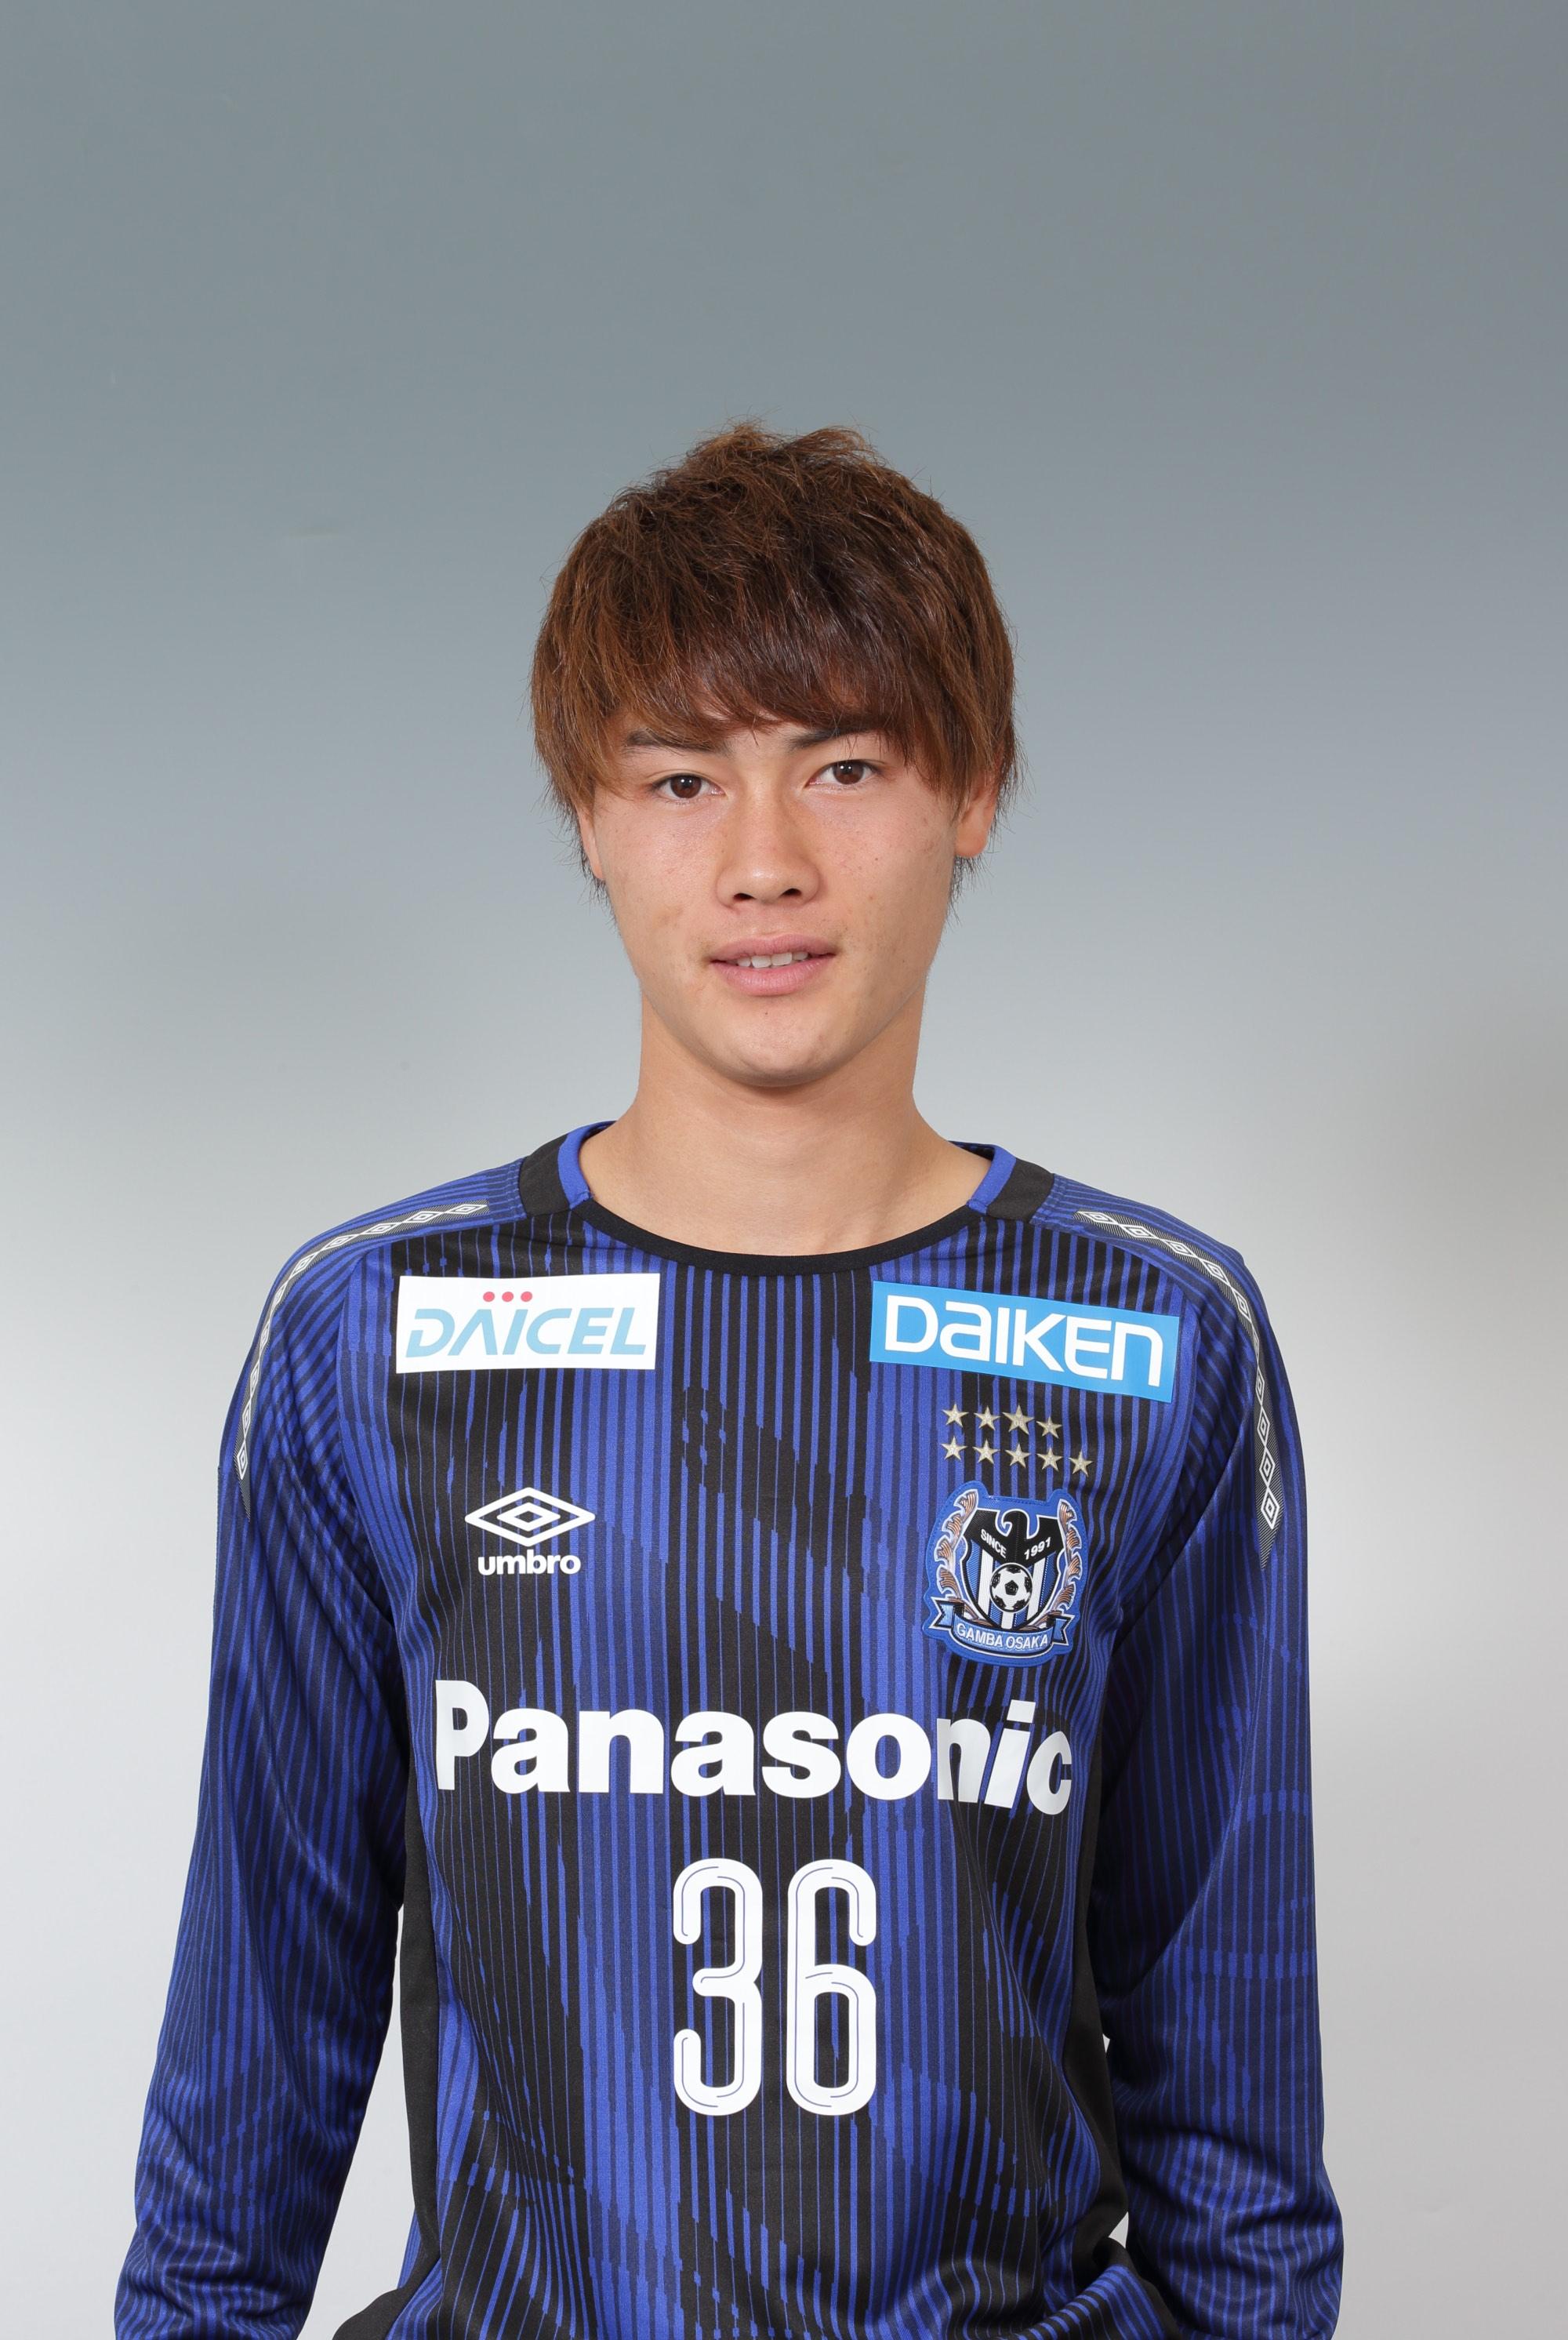 【本人直筆サイン入り公式】ガンバ大阪ユニフォーム2019HOME 松田陸 選手